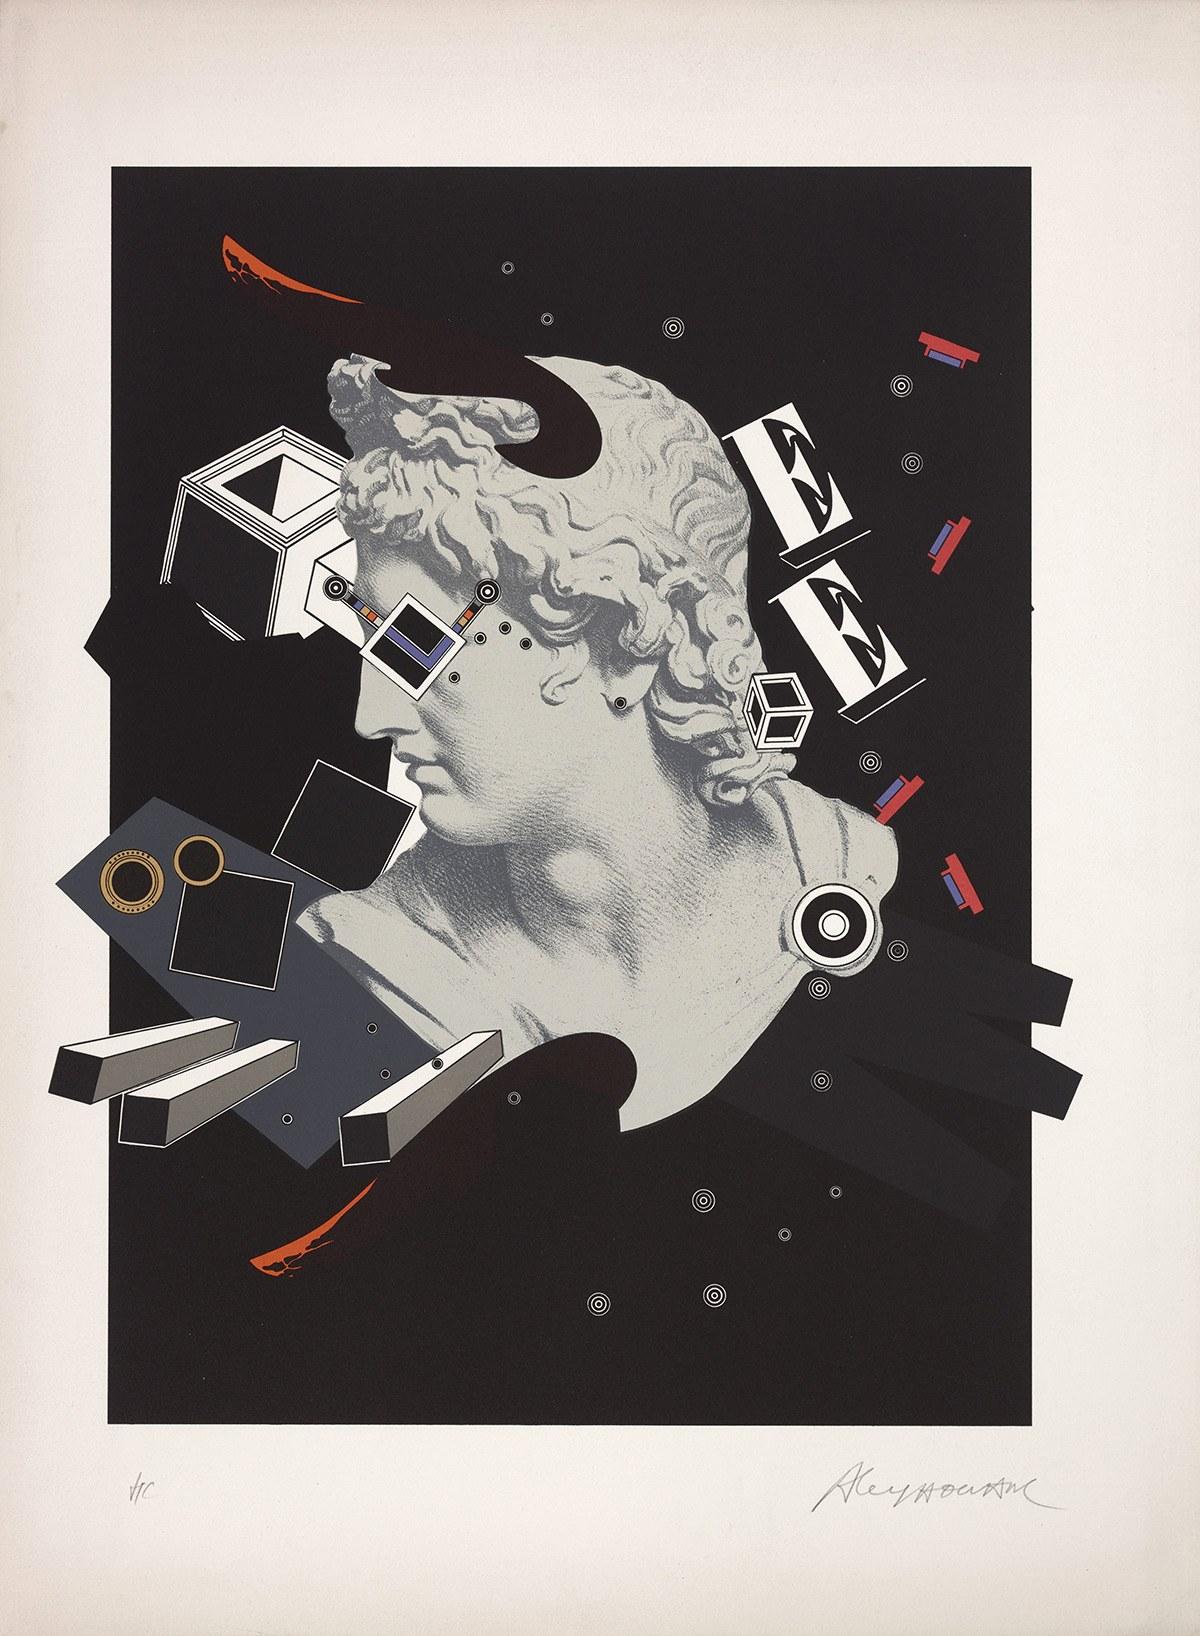 Lithographie sans-titre, galerie Cour Saint-Pierre éditeur, Genève, 1973